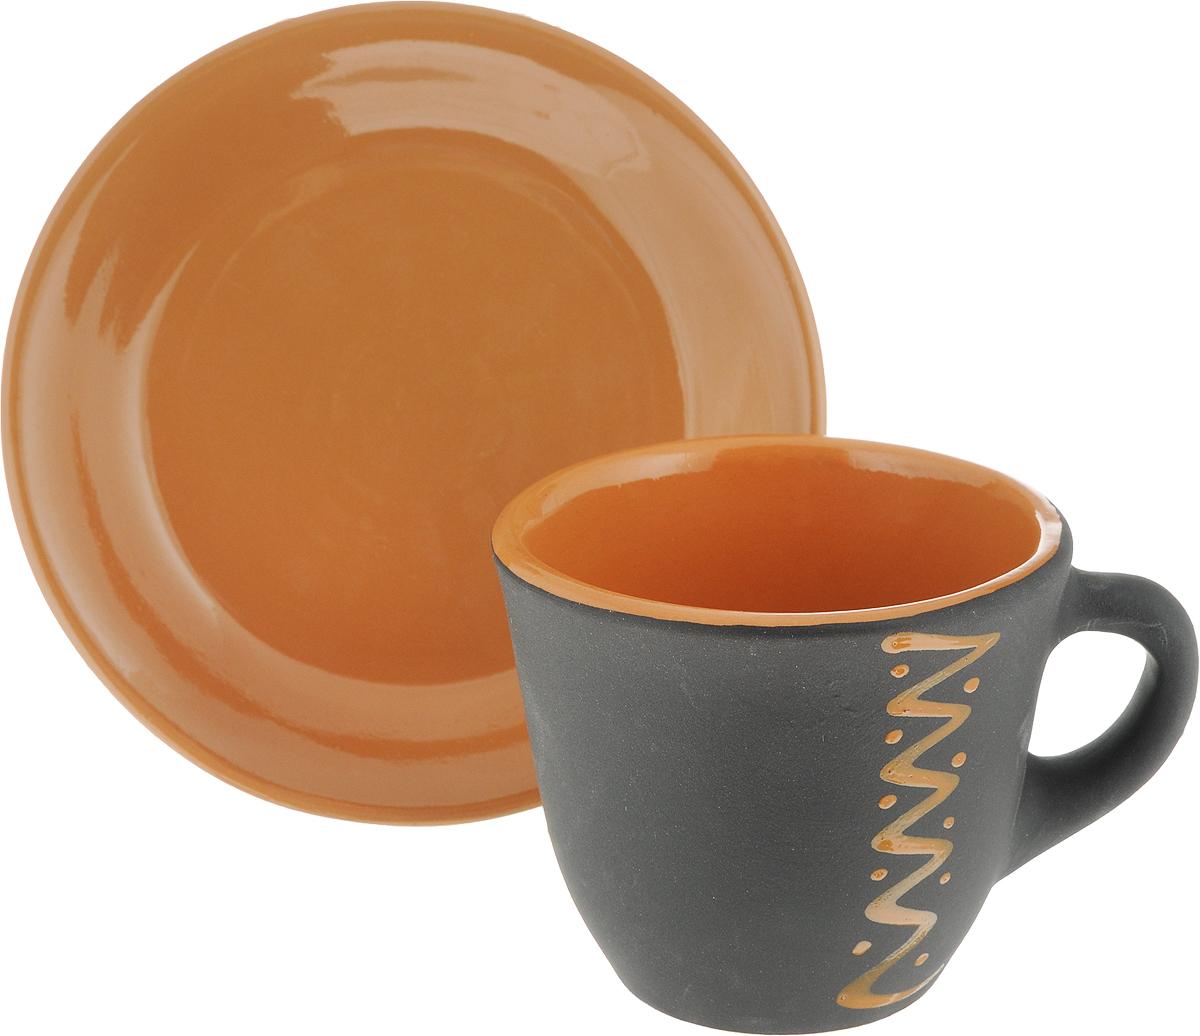 Чайная пара Борисовская керамика Чугун, 2 предметаЧУГ00000638_черный, коричневыйЧайная пара Борисовская керамика Чугун состоит из чашки и блюдца, изготовленных из высококачественной керамики. Такой набор украсит ваш кухонный стол, а также станет замечательным подарком к любому празднику.Можно использовать в микроволновой печи и духовке.Диаметр чашки (по верхнему краю): 10 см.Высота чашки: 8,5 см.Диаметр блюдца (по верхнему краю): 15,5 см.Высота блюдца: 2,5 см.Объем чашки: 300 мл